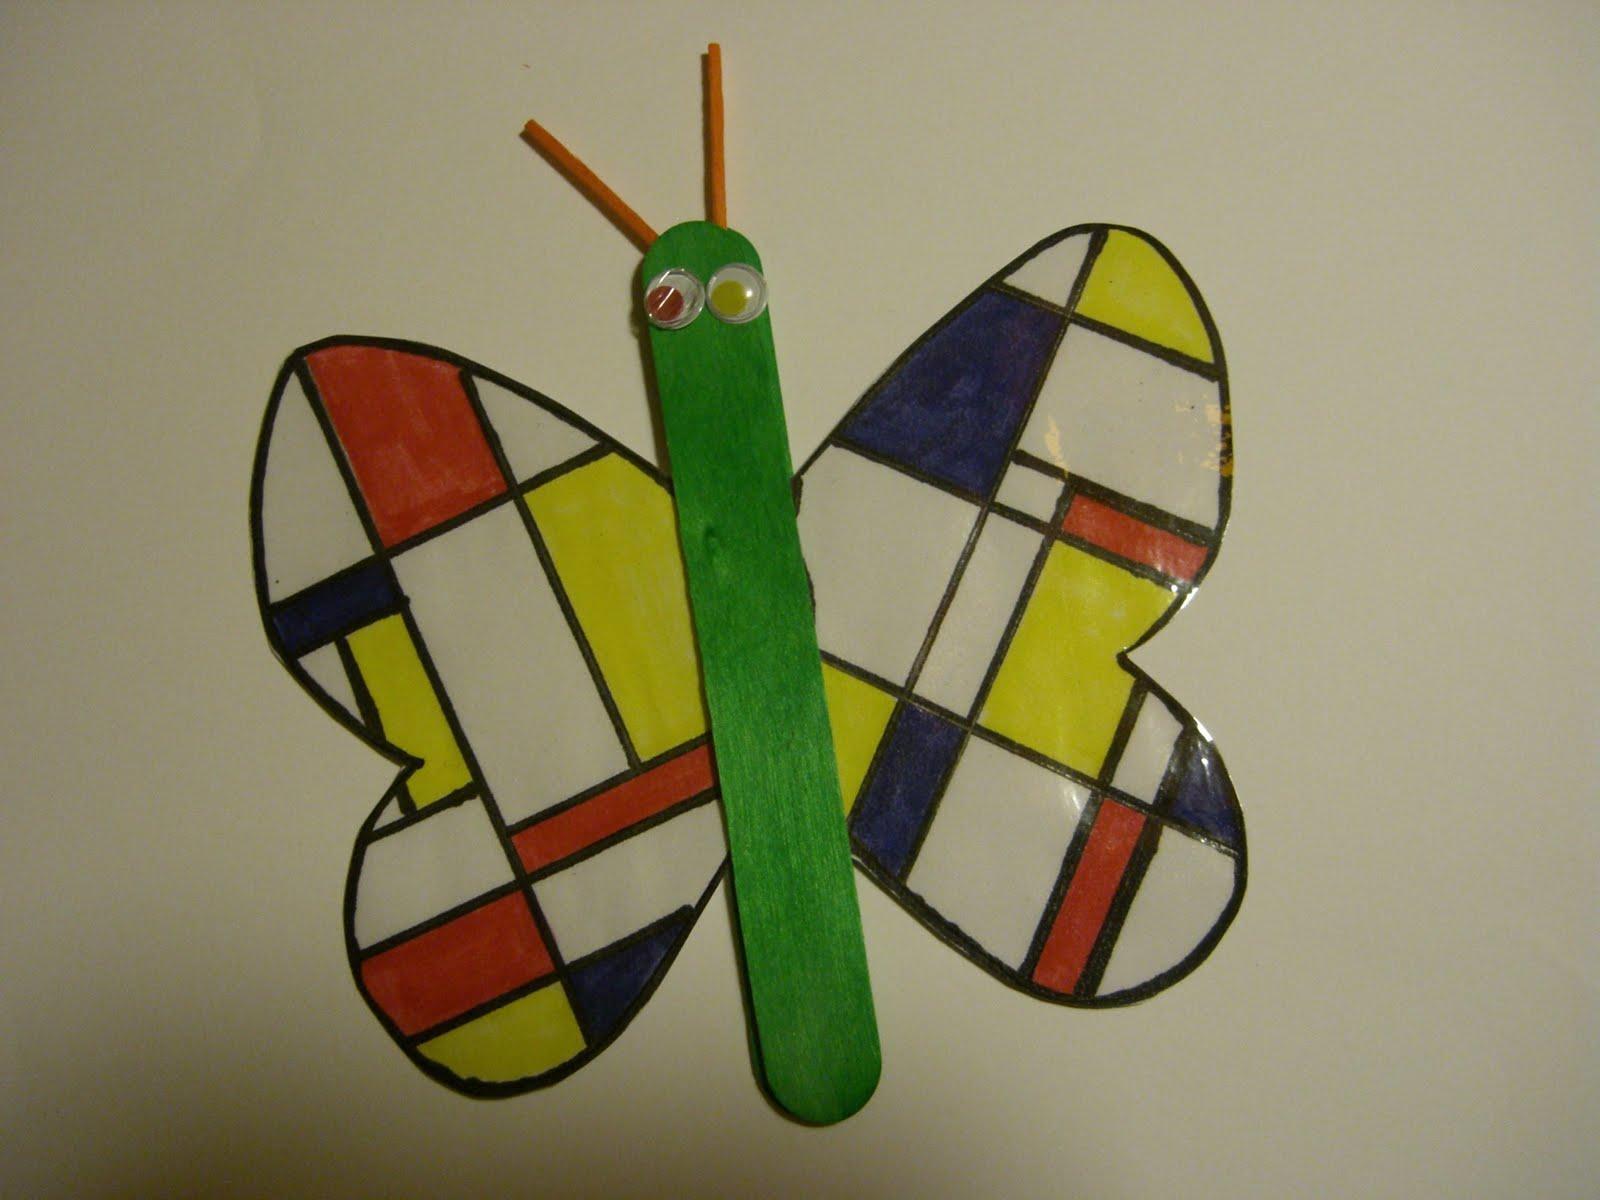 kunstraum: Der Mondrian Schmetterling